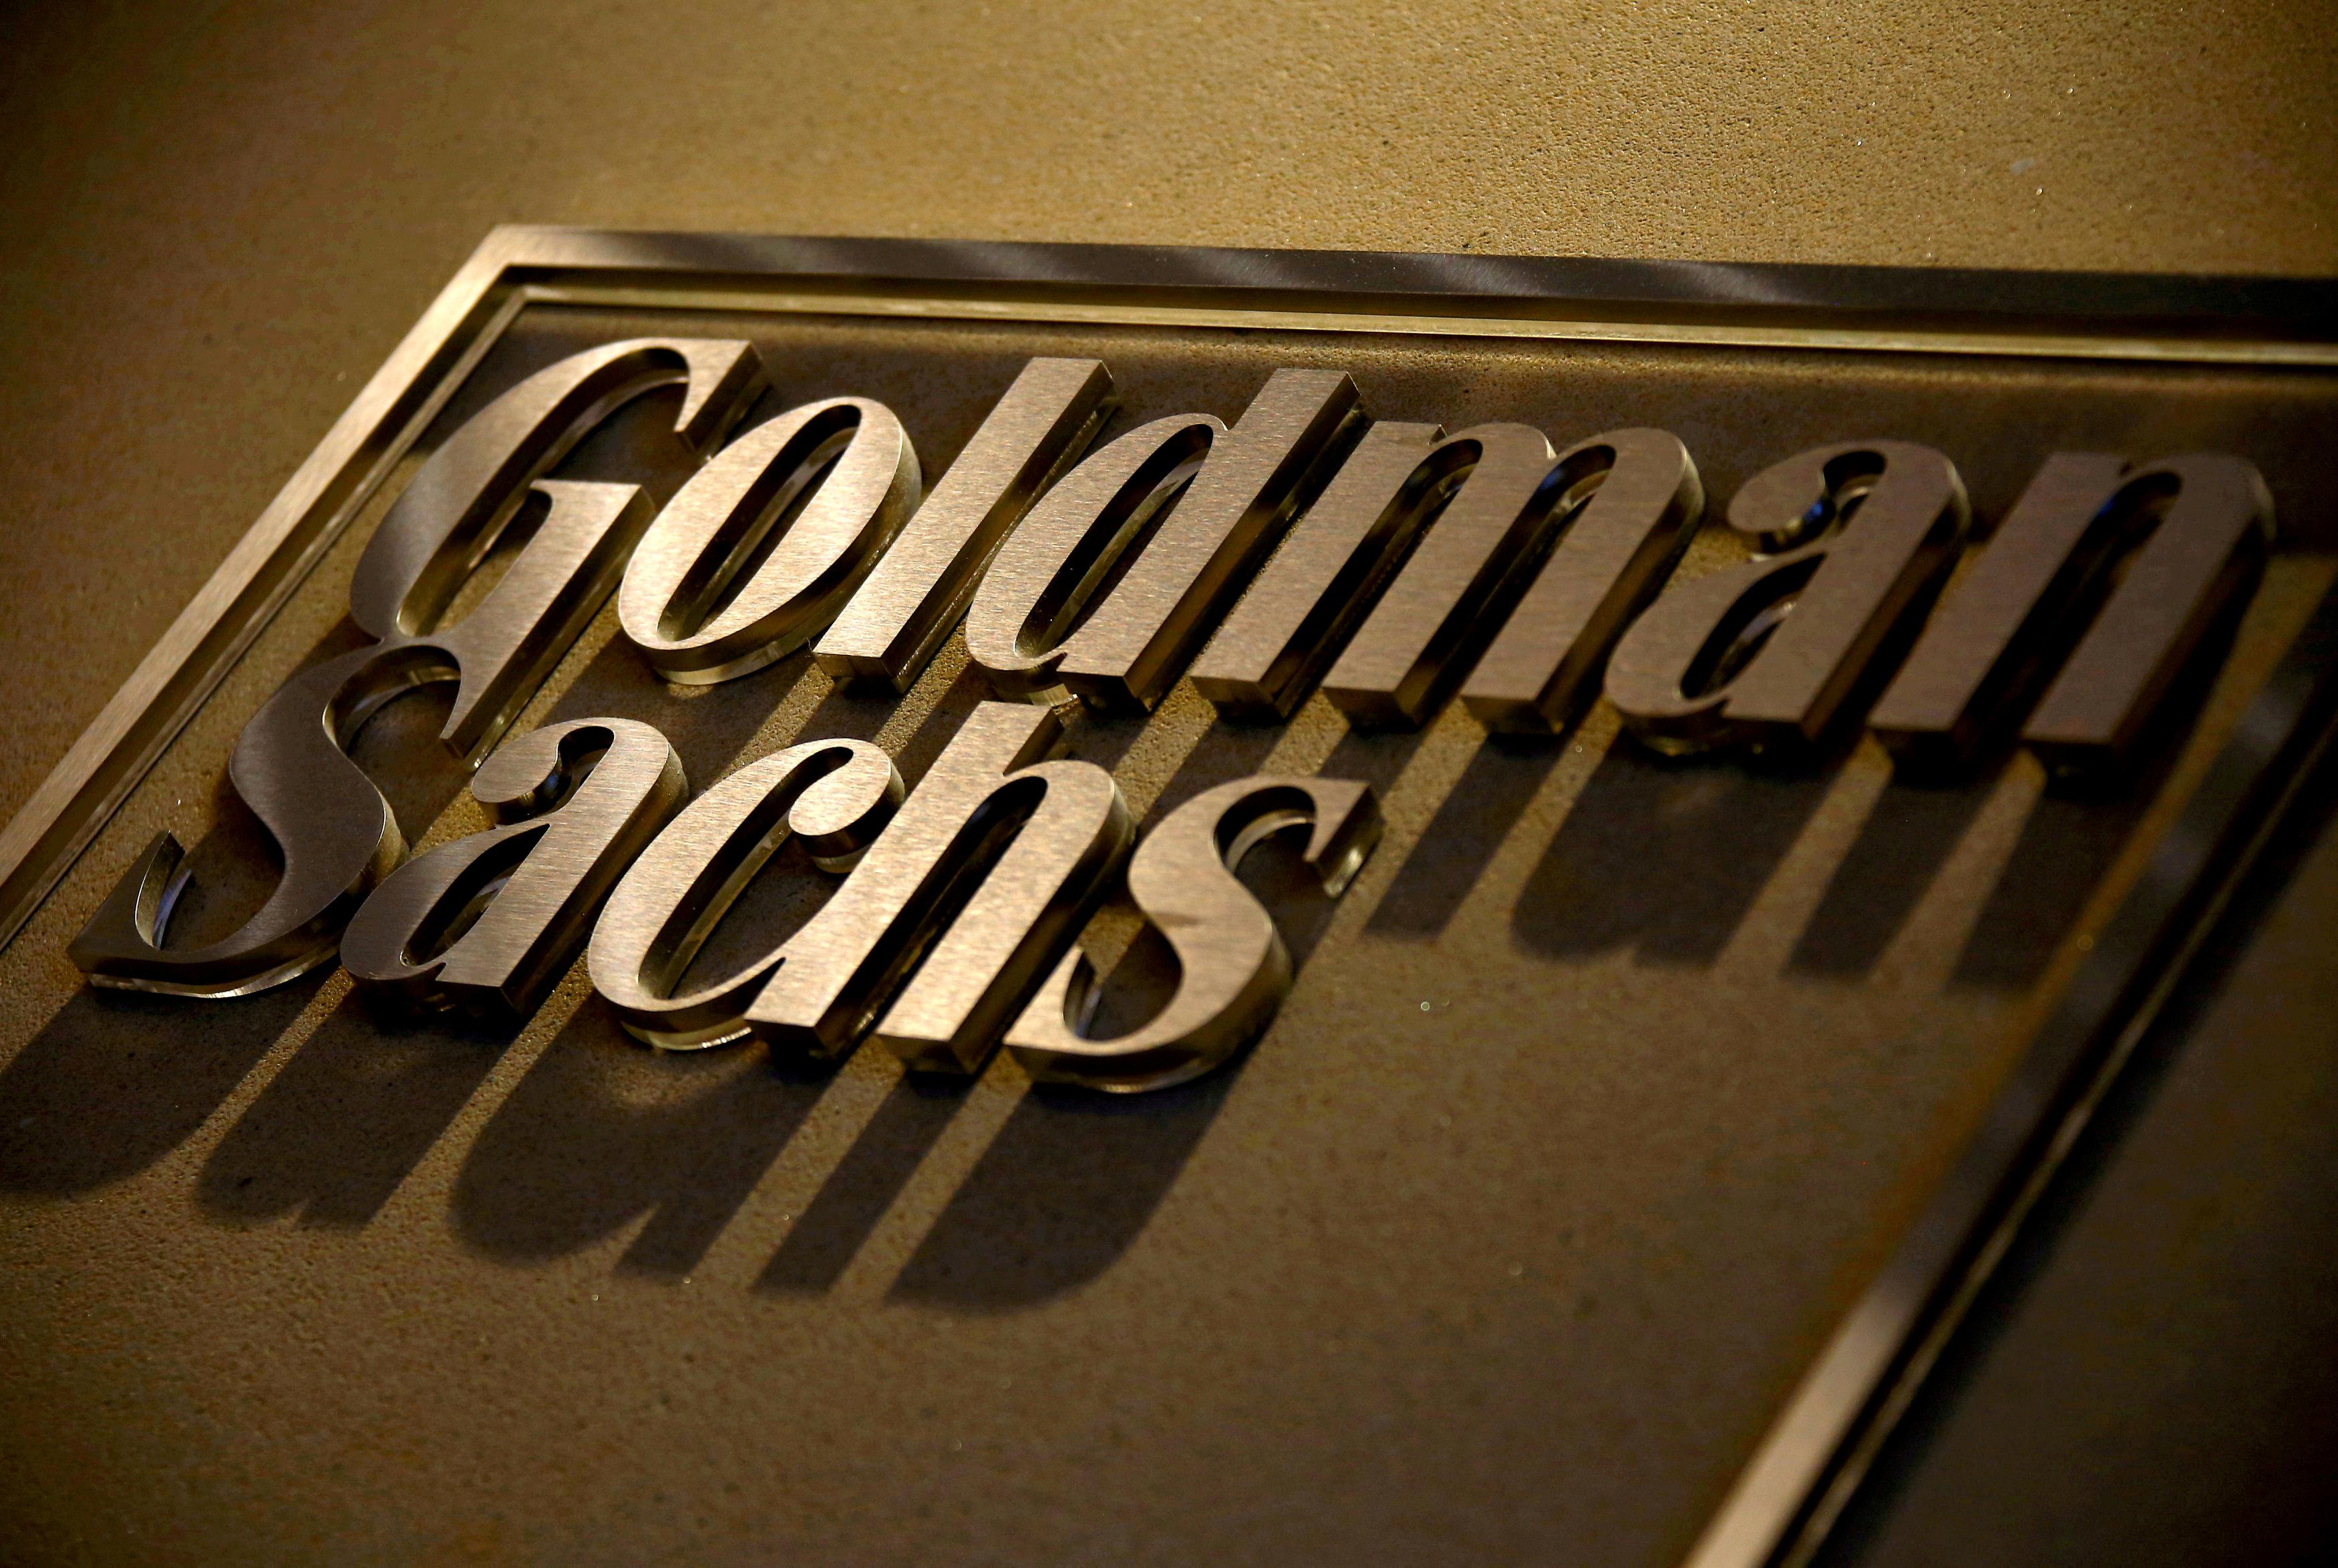 Goldman Sachs e Bitcoin: la criptovaluta entra ufficialmente nella finanza che conta